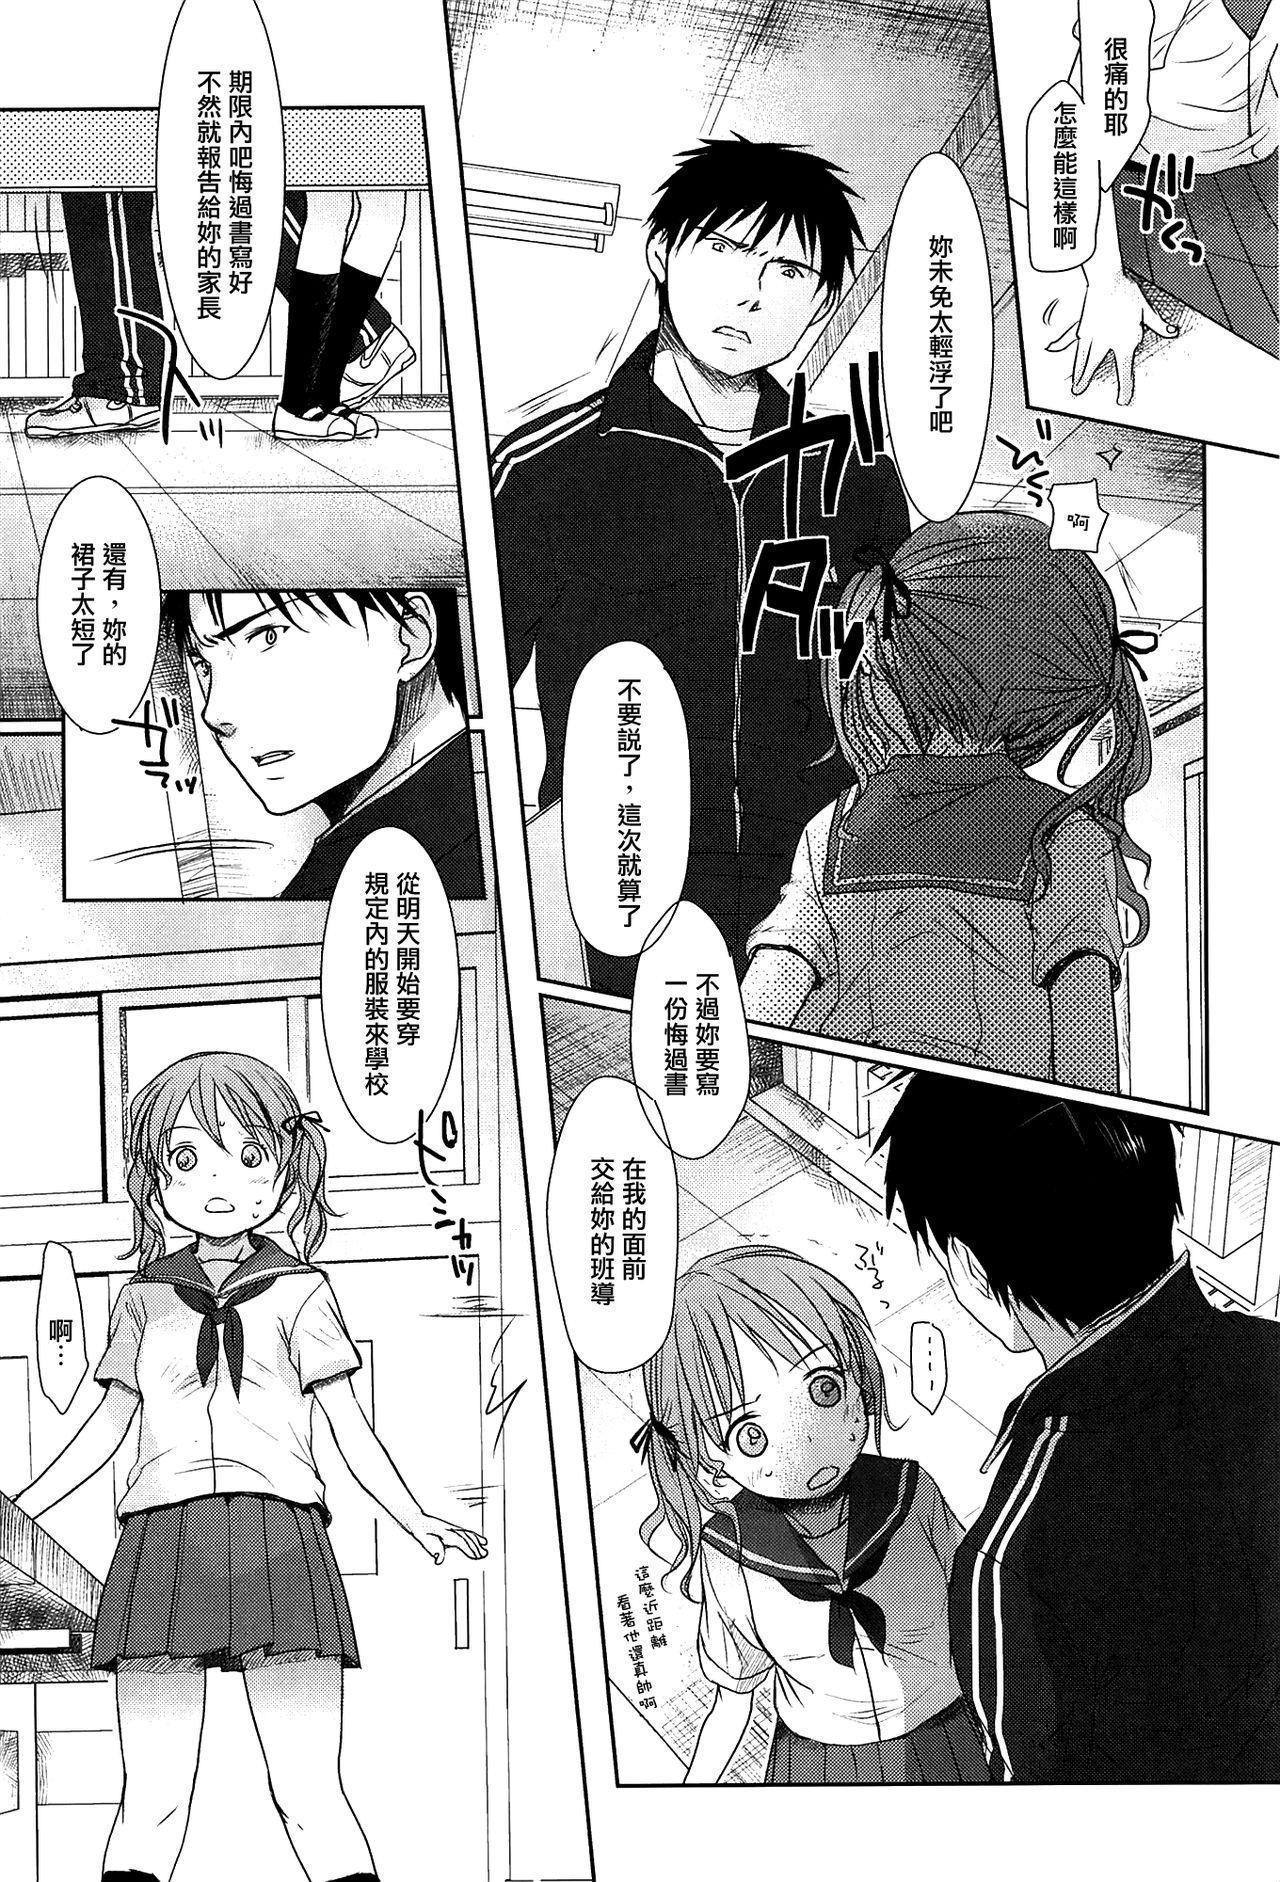 Sensei to, Watashi to. Jou 164